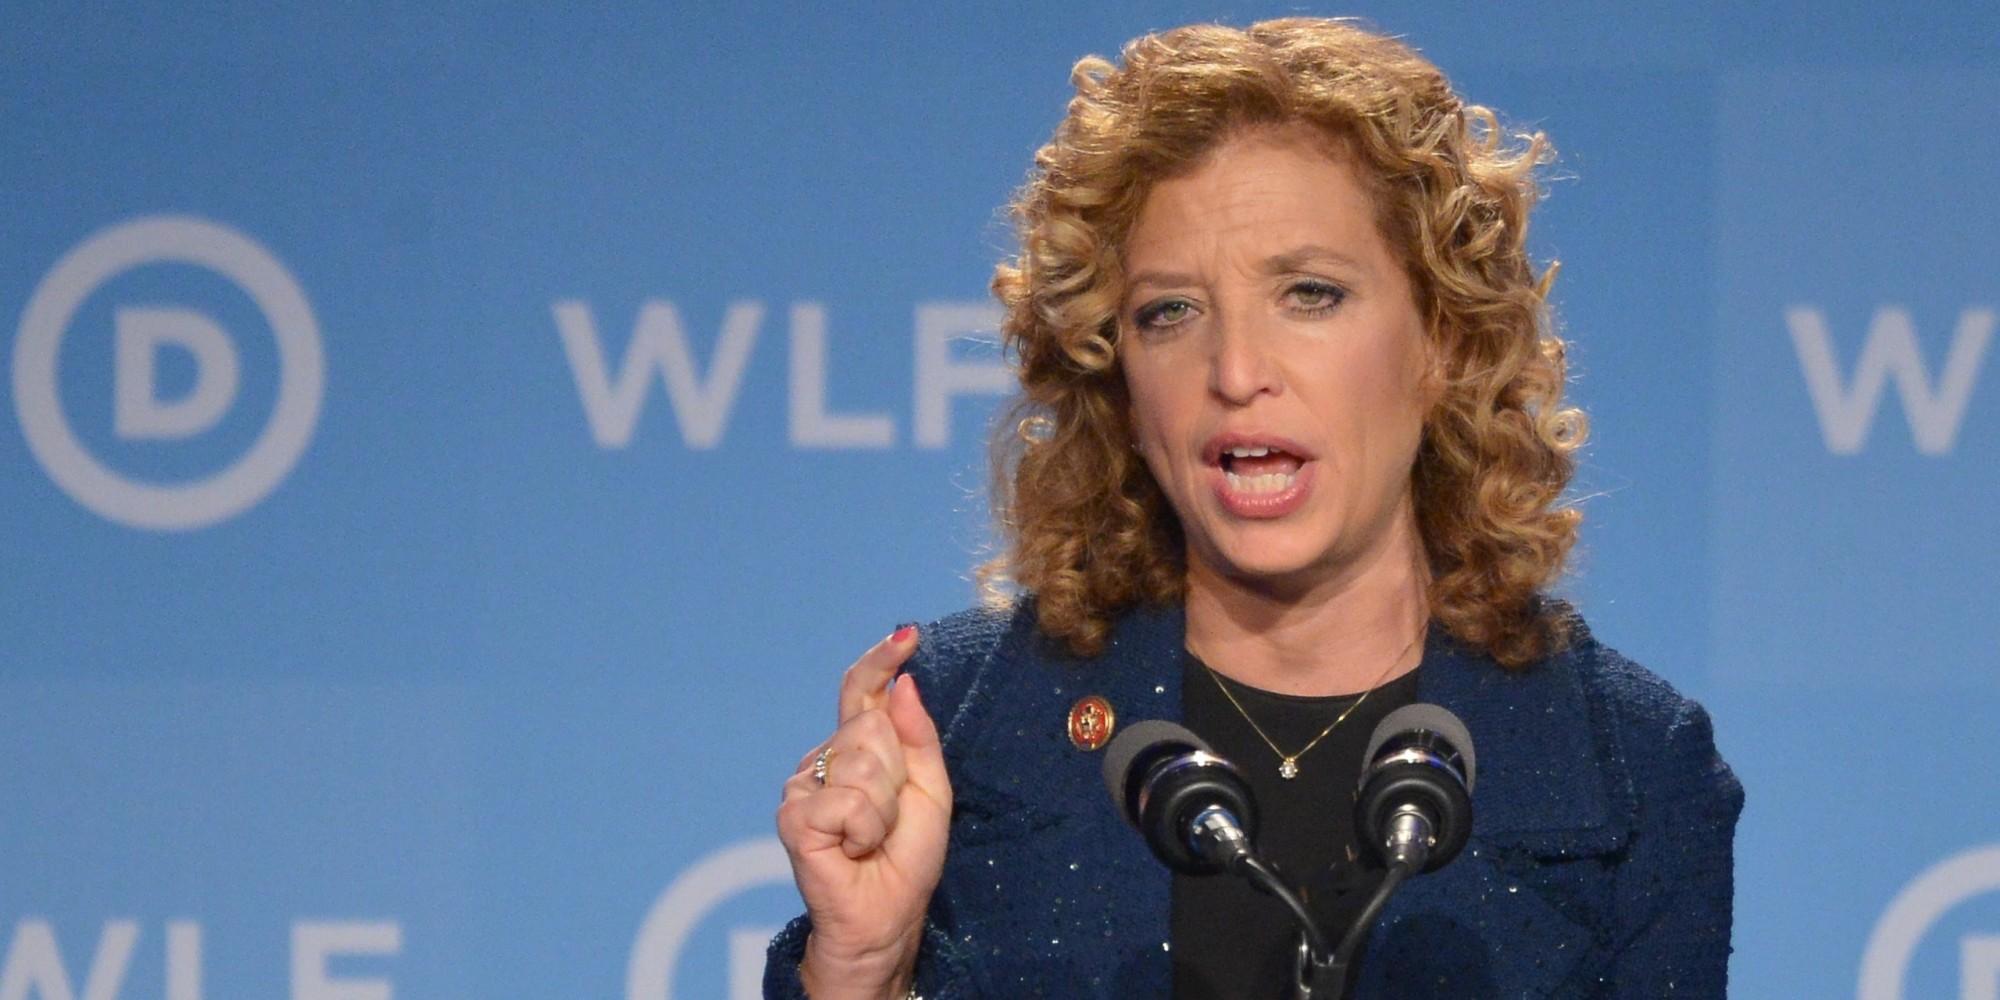 Democratic National Committee chairwoman Debbie Wasserman Schultz